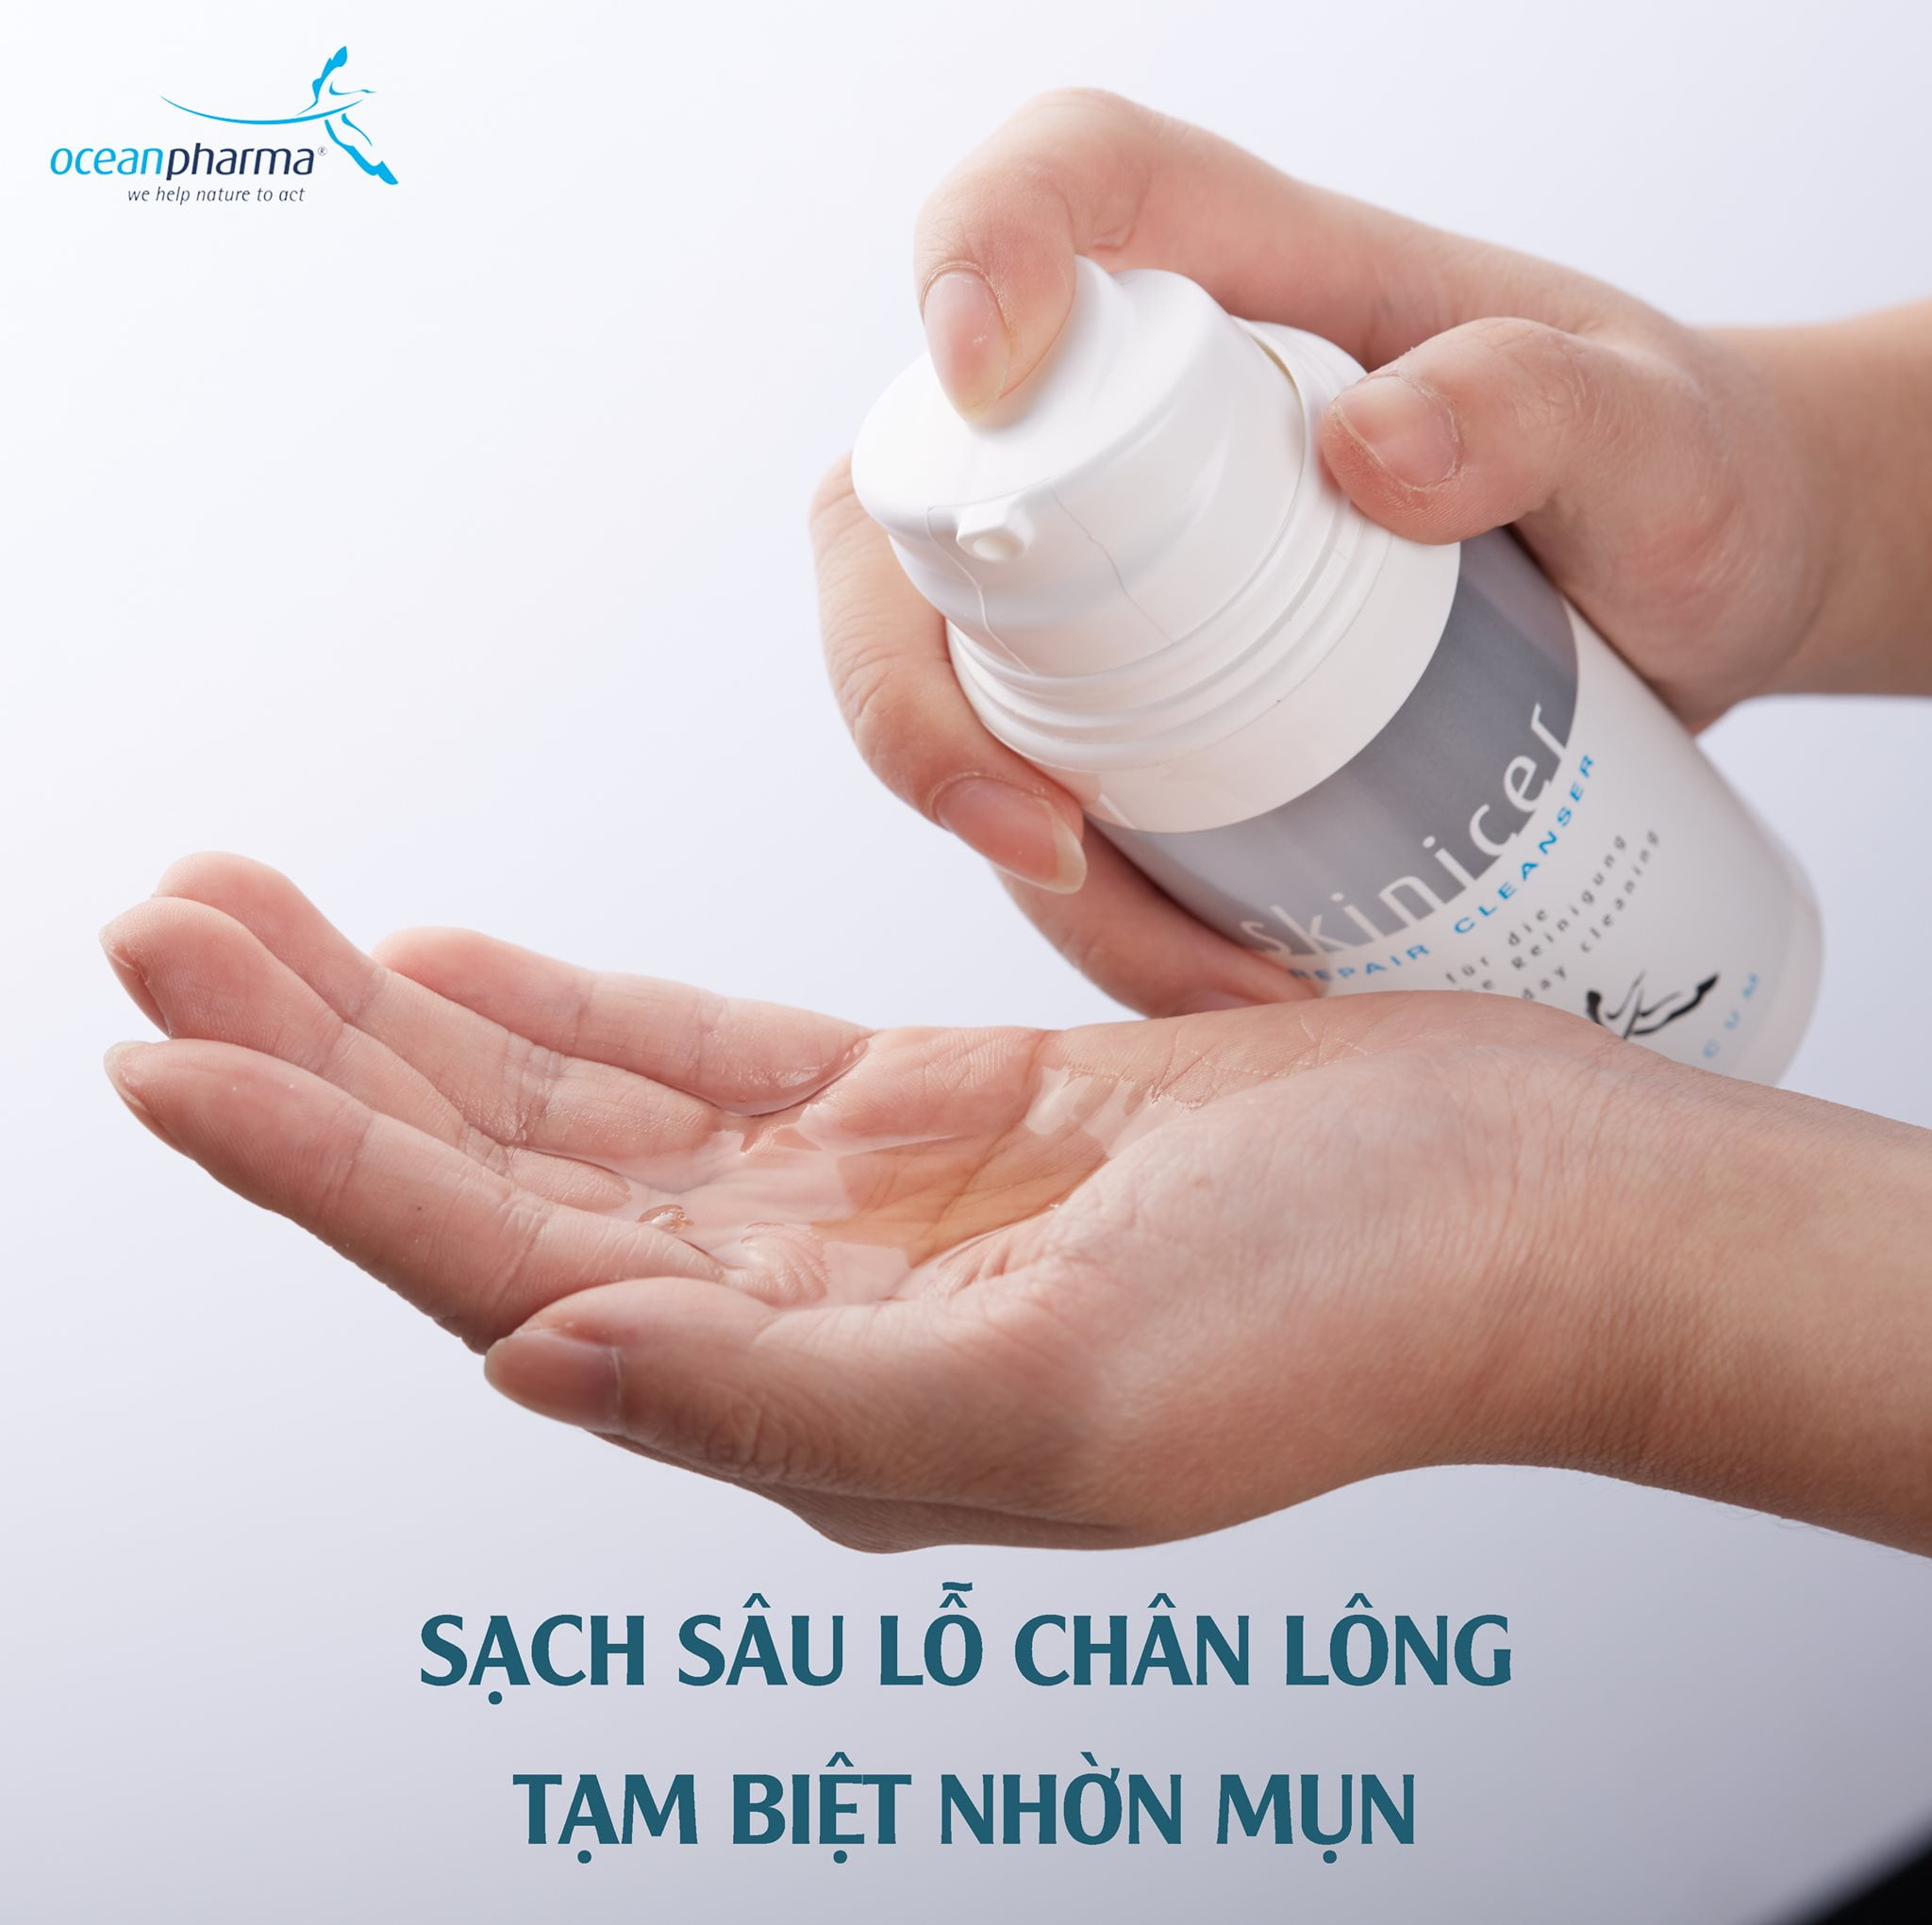 Sử dụng sữa rửa mặt xịn Skinicer